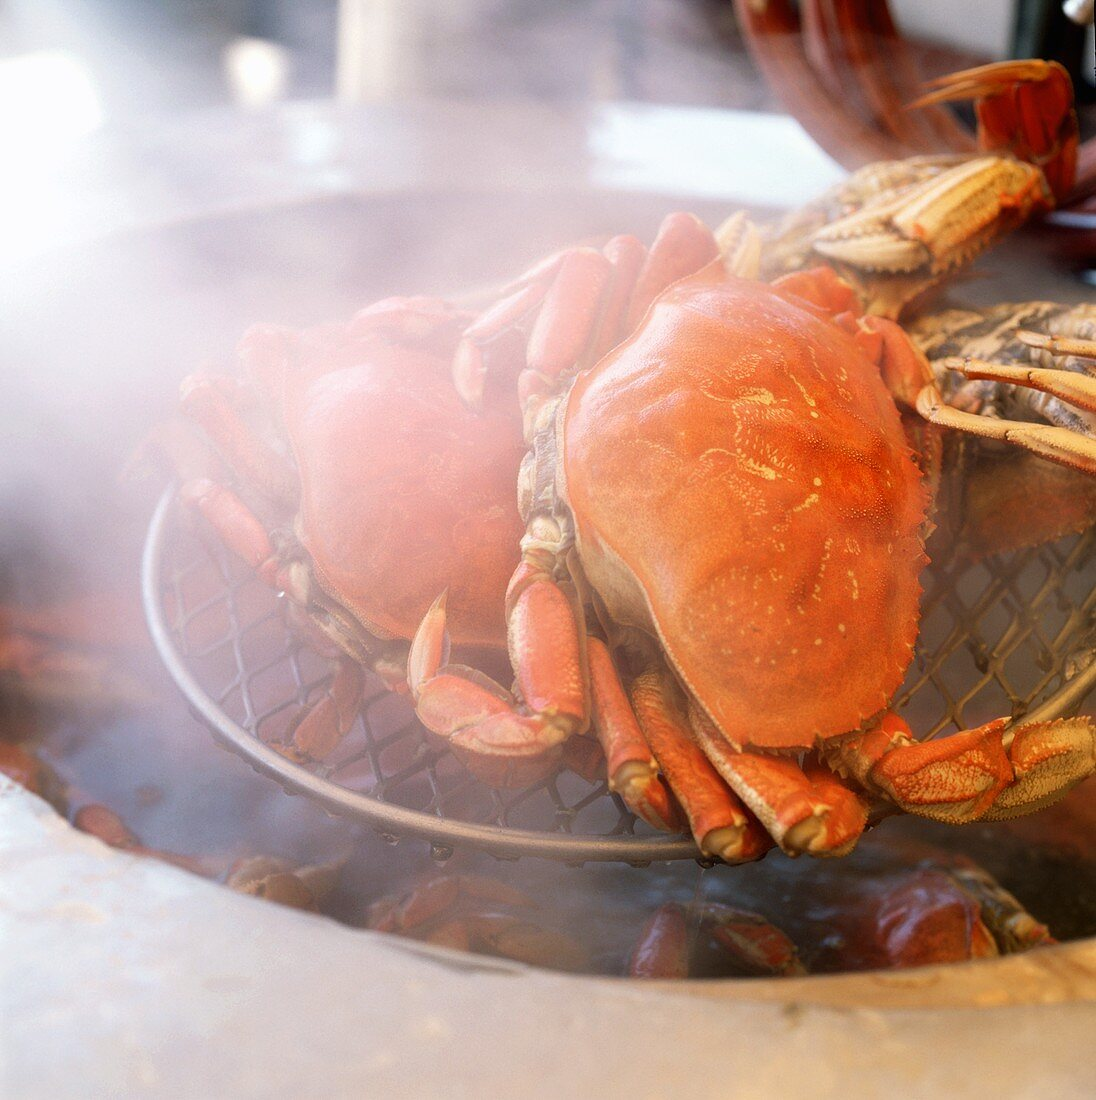 Taschenkrebse auf Sieb über kochendem Wasser